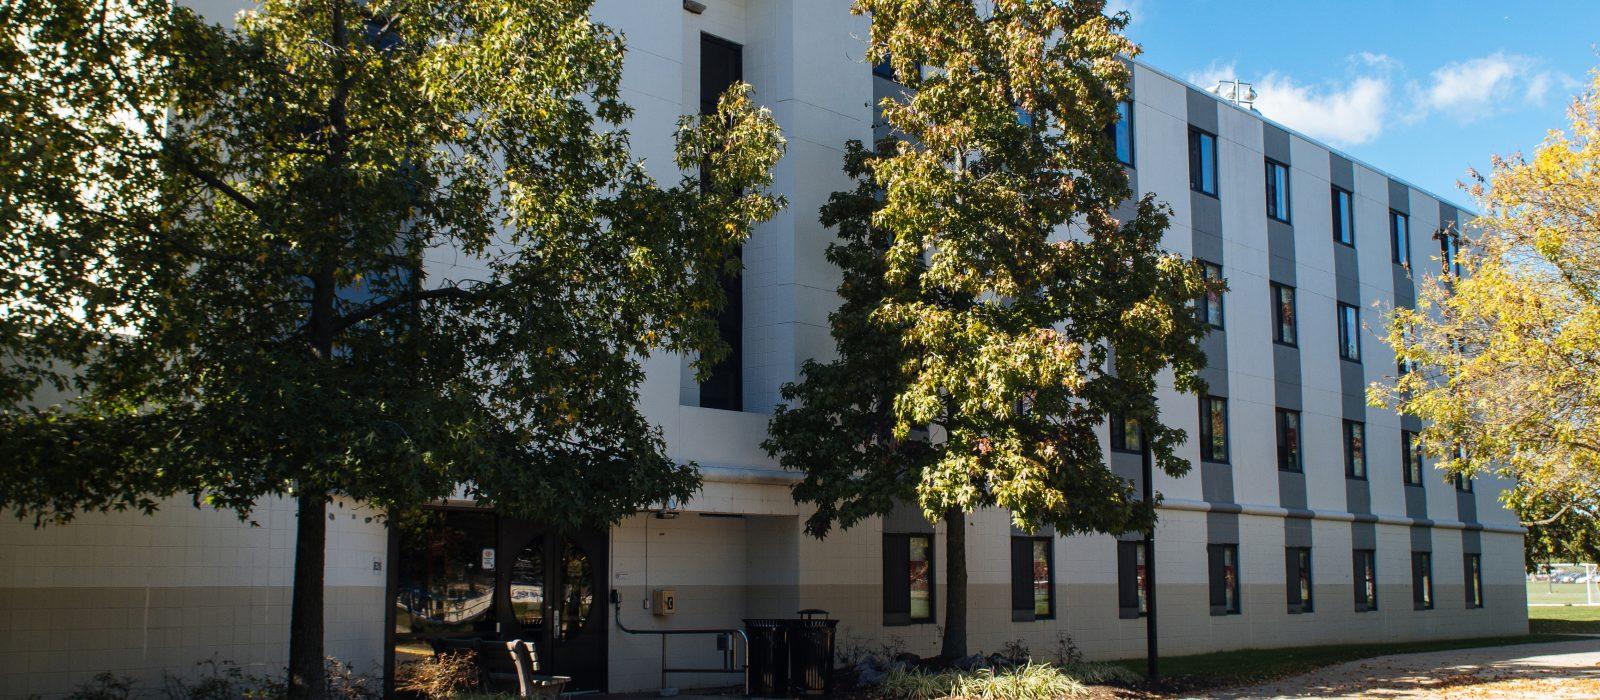 LGBT Residence Hall